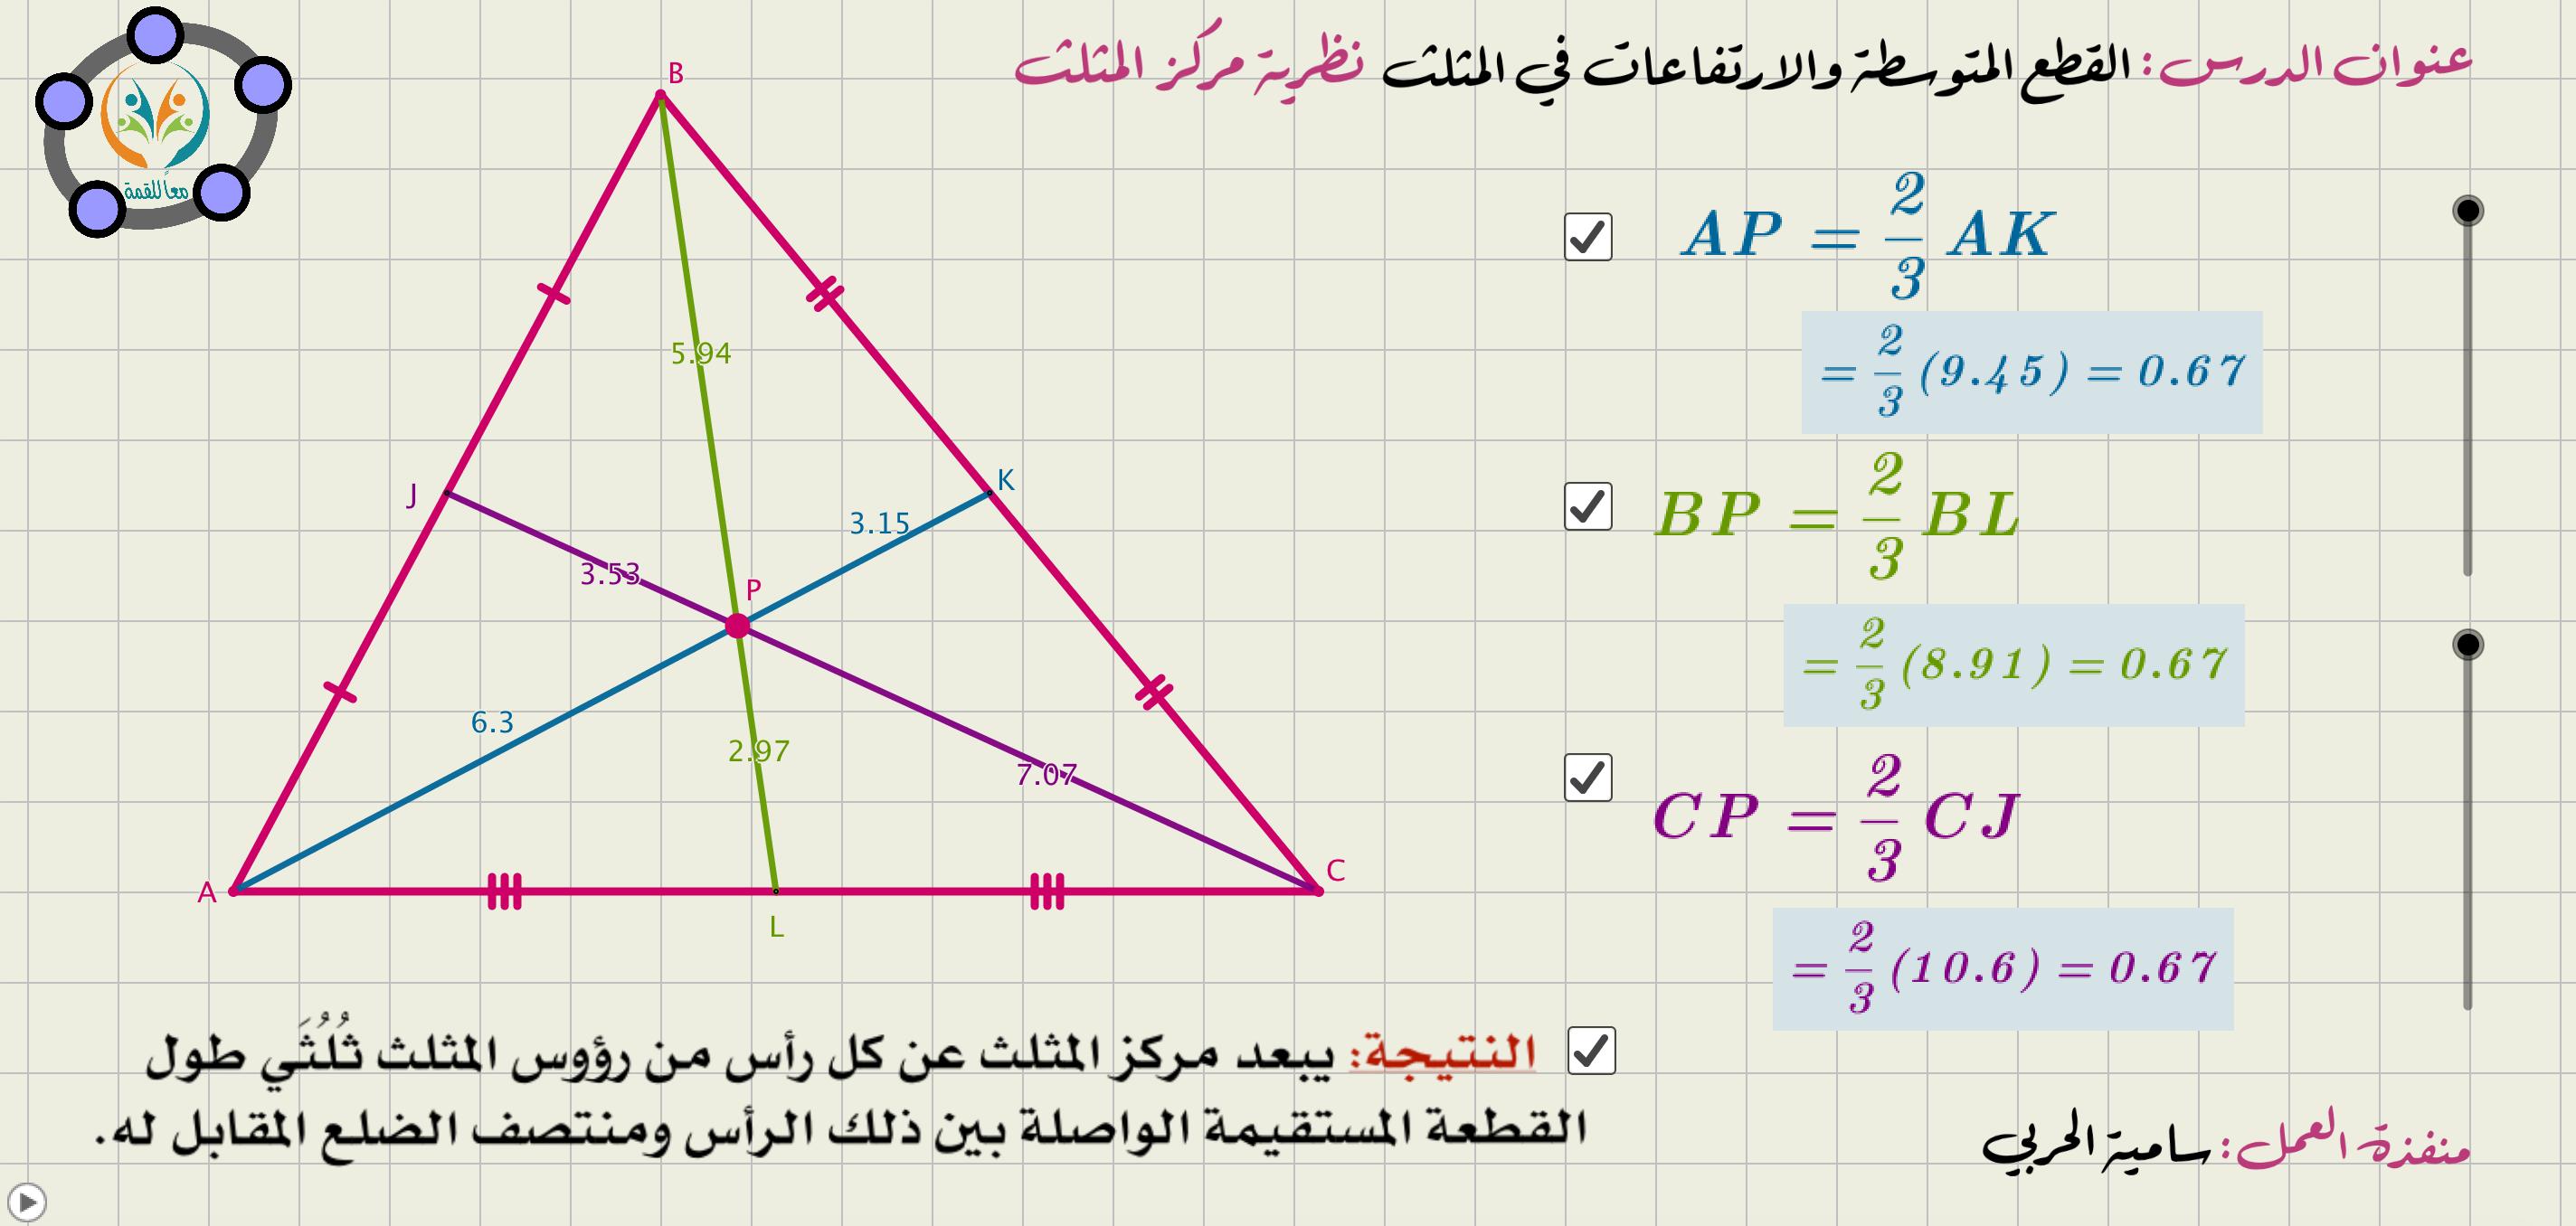 (القطع المتوسطة والارتفاعات في المثلث (نظرية مركز المثلث)